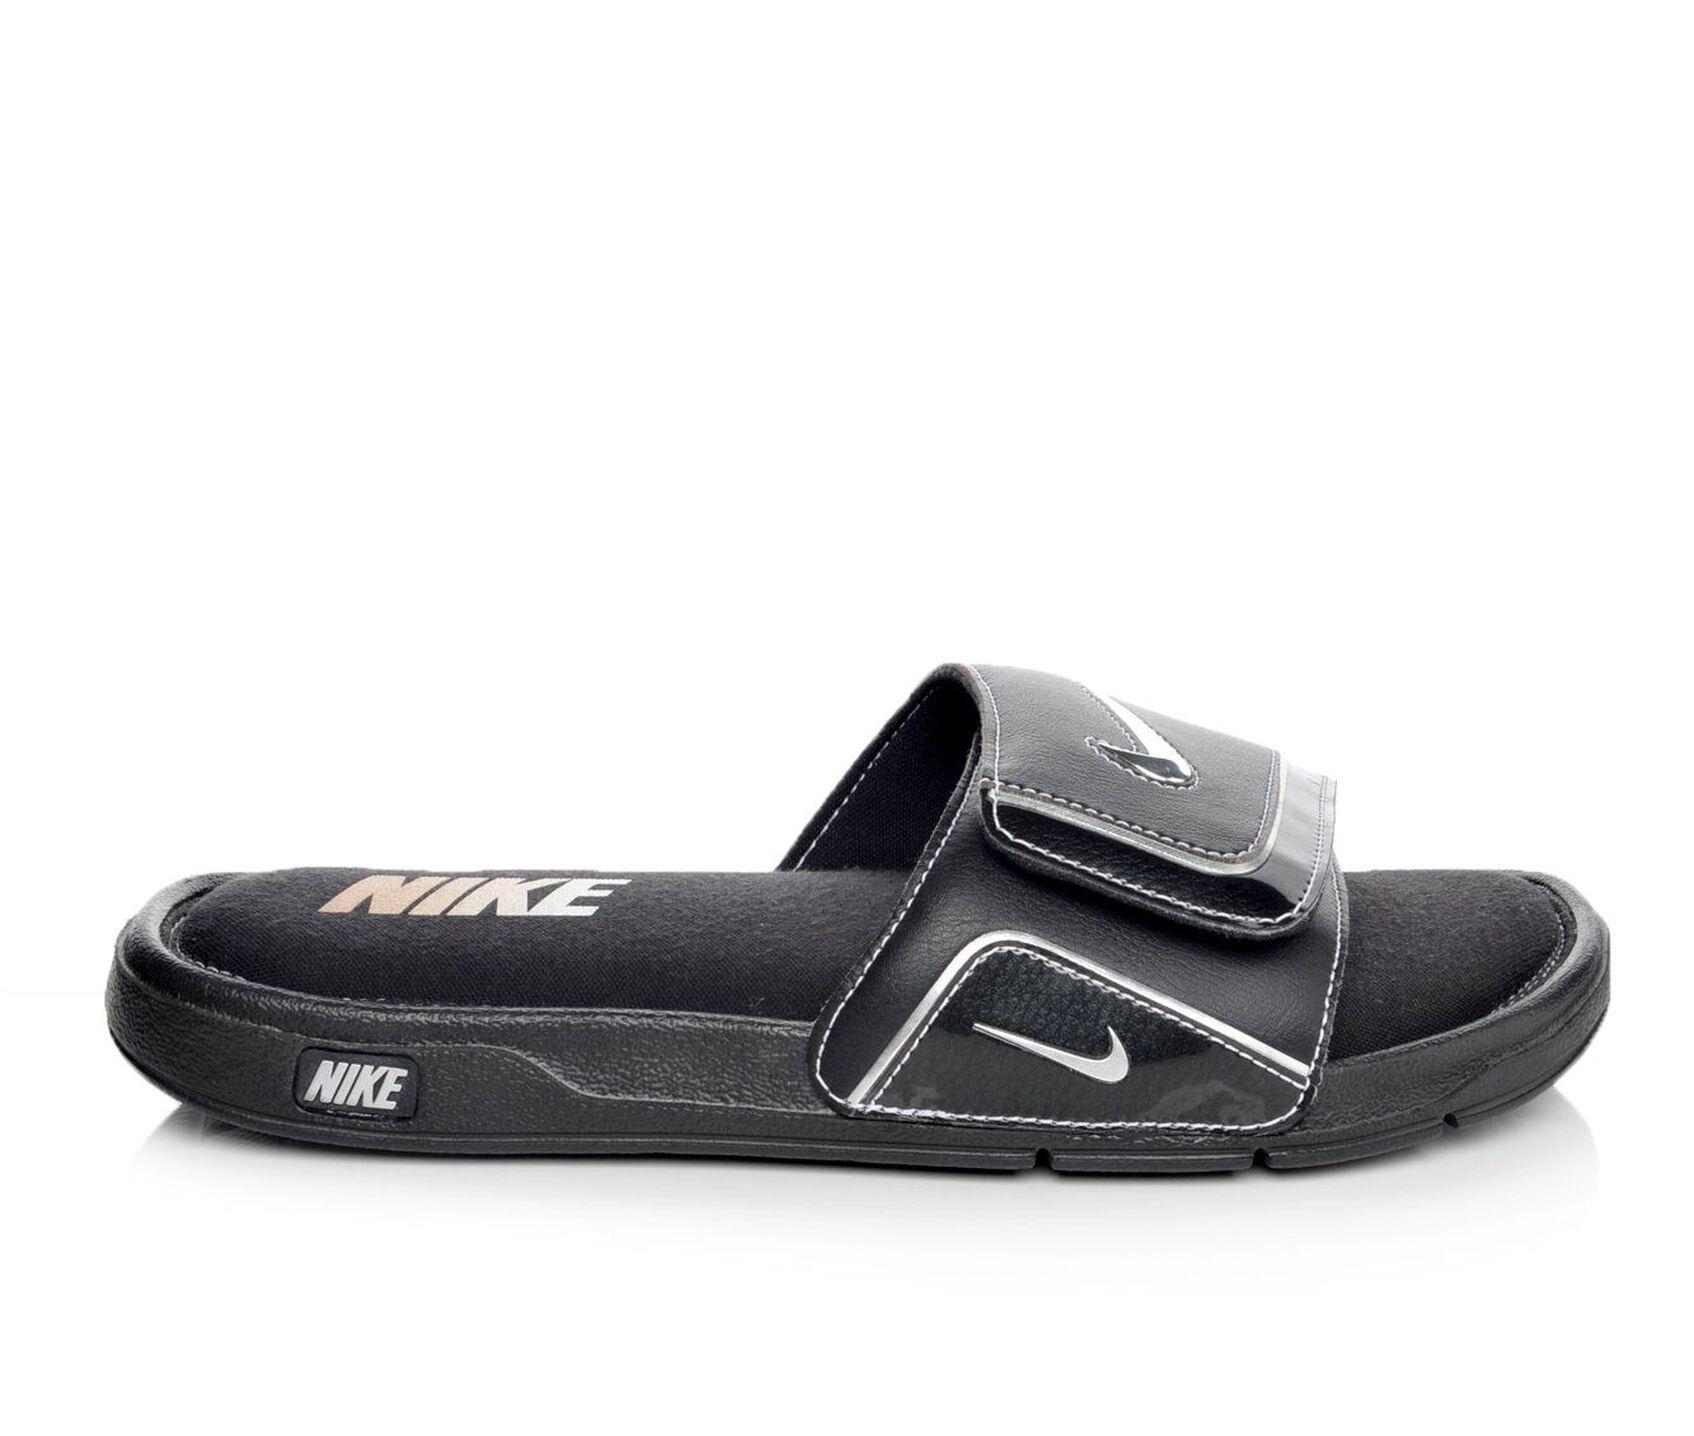 sandal nike menpuma slide comfort and for men vintagepretty comforter highwire shoes p puma salepuma sale vintage online benecio colorful